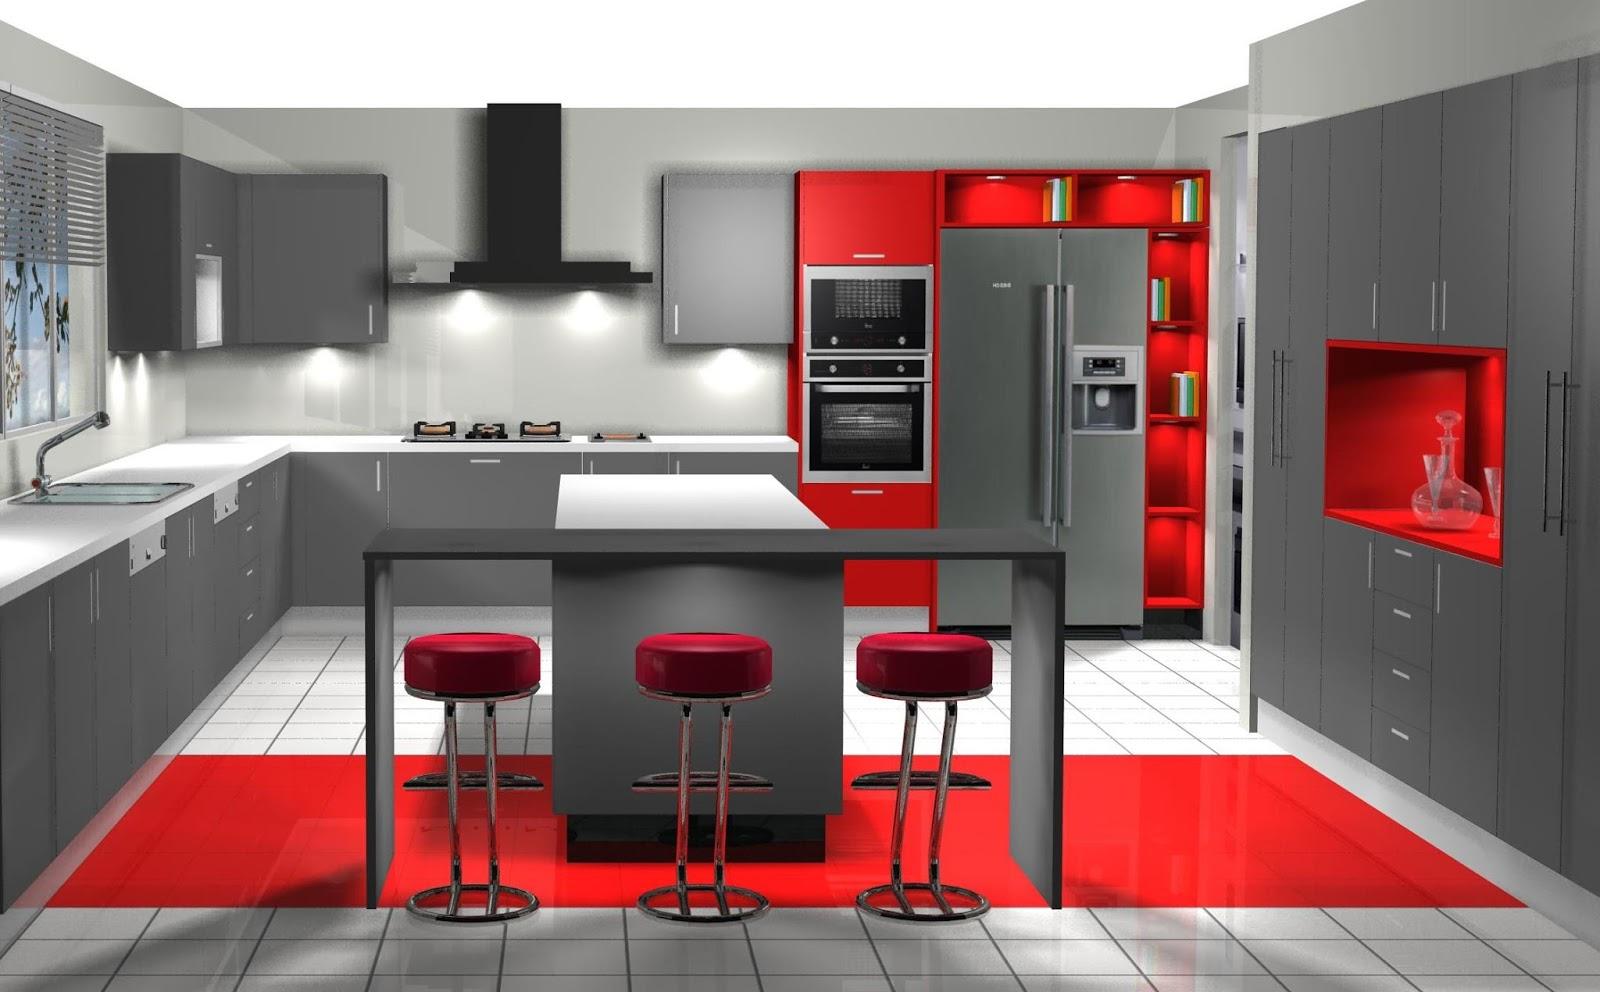 Dise o muebles de cocina dise o de cocina laminado en grafito for Diseno de muebles para cocina